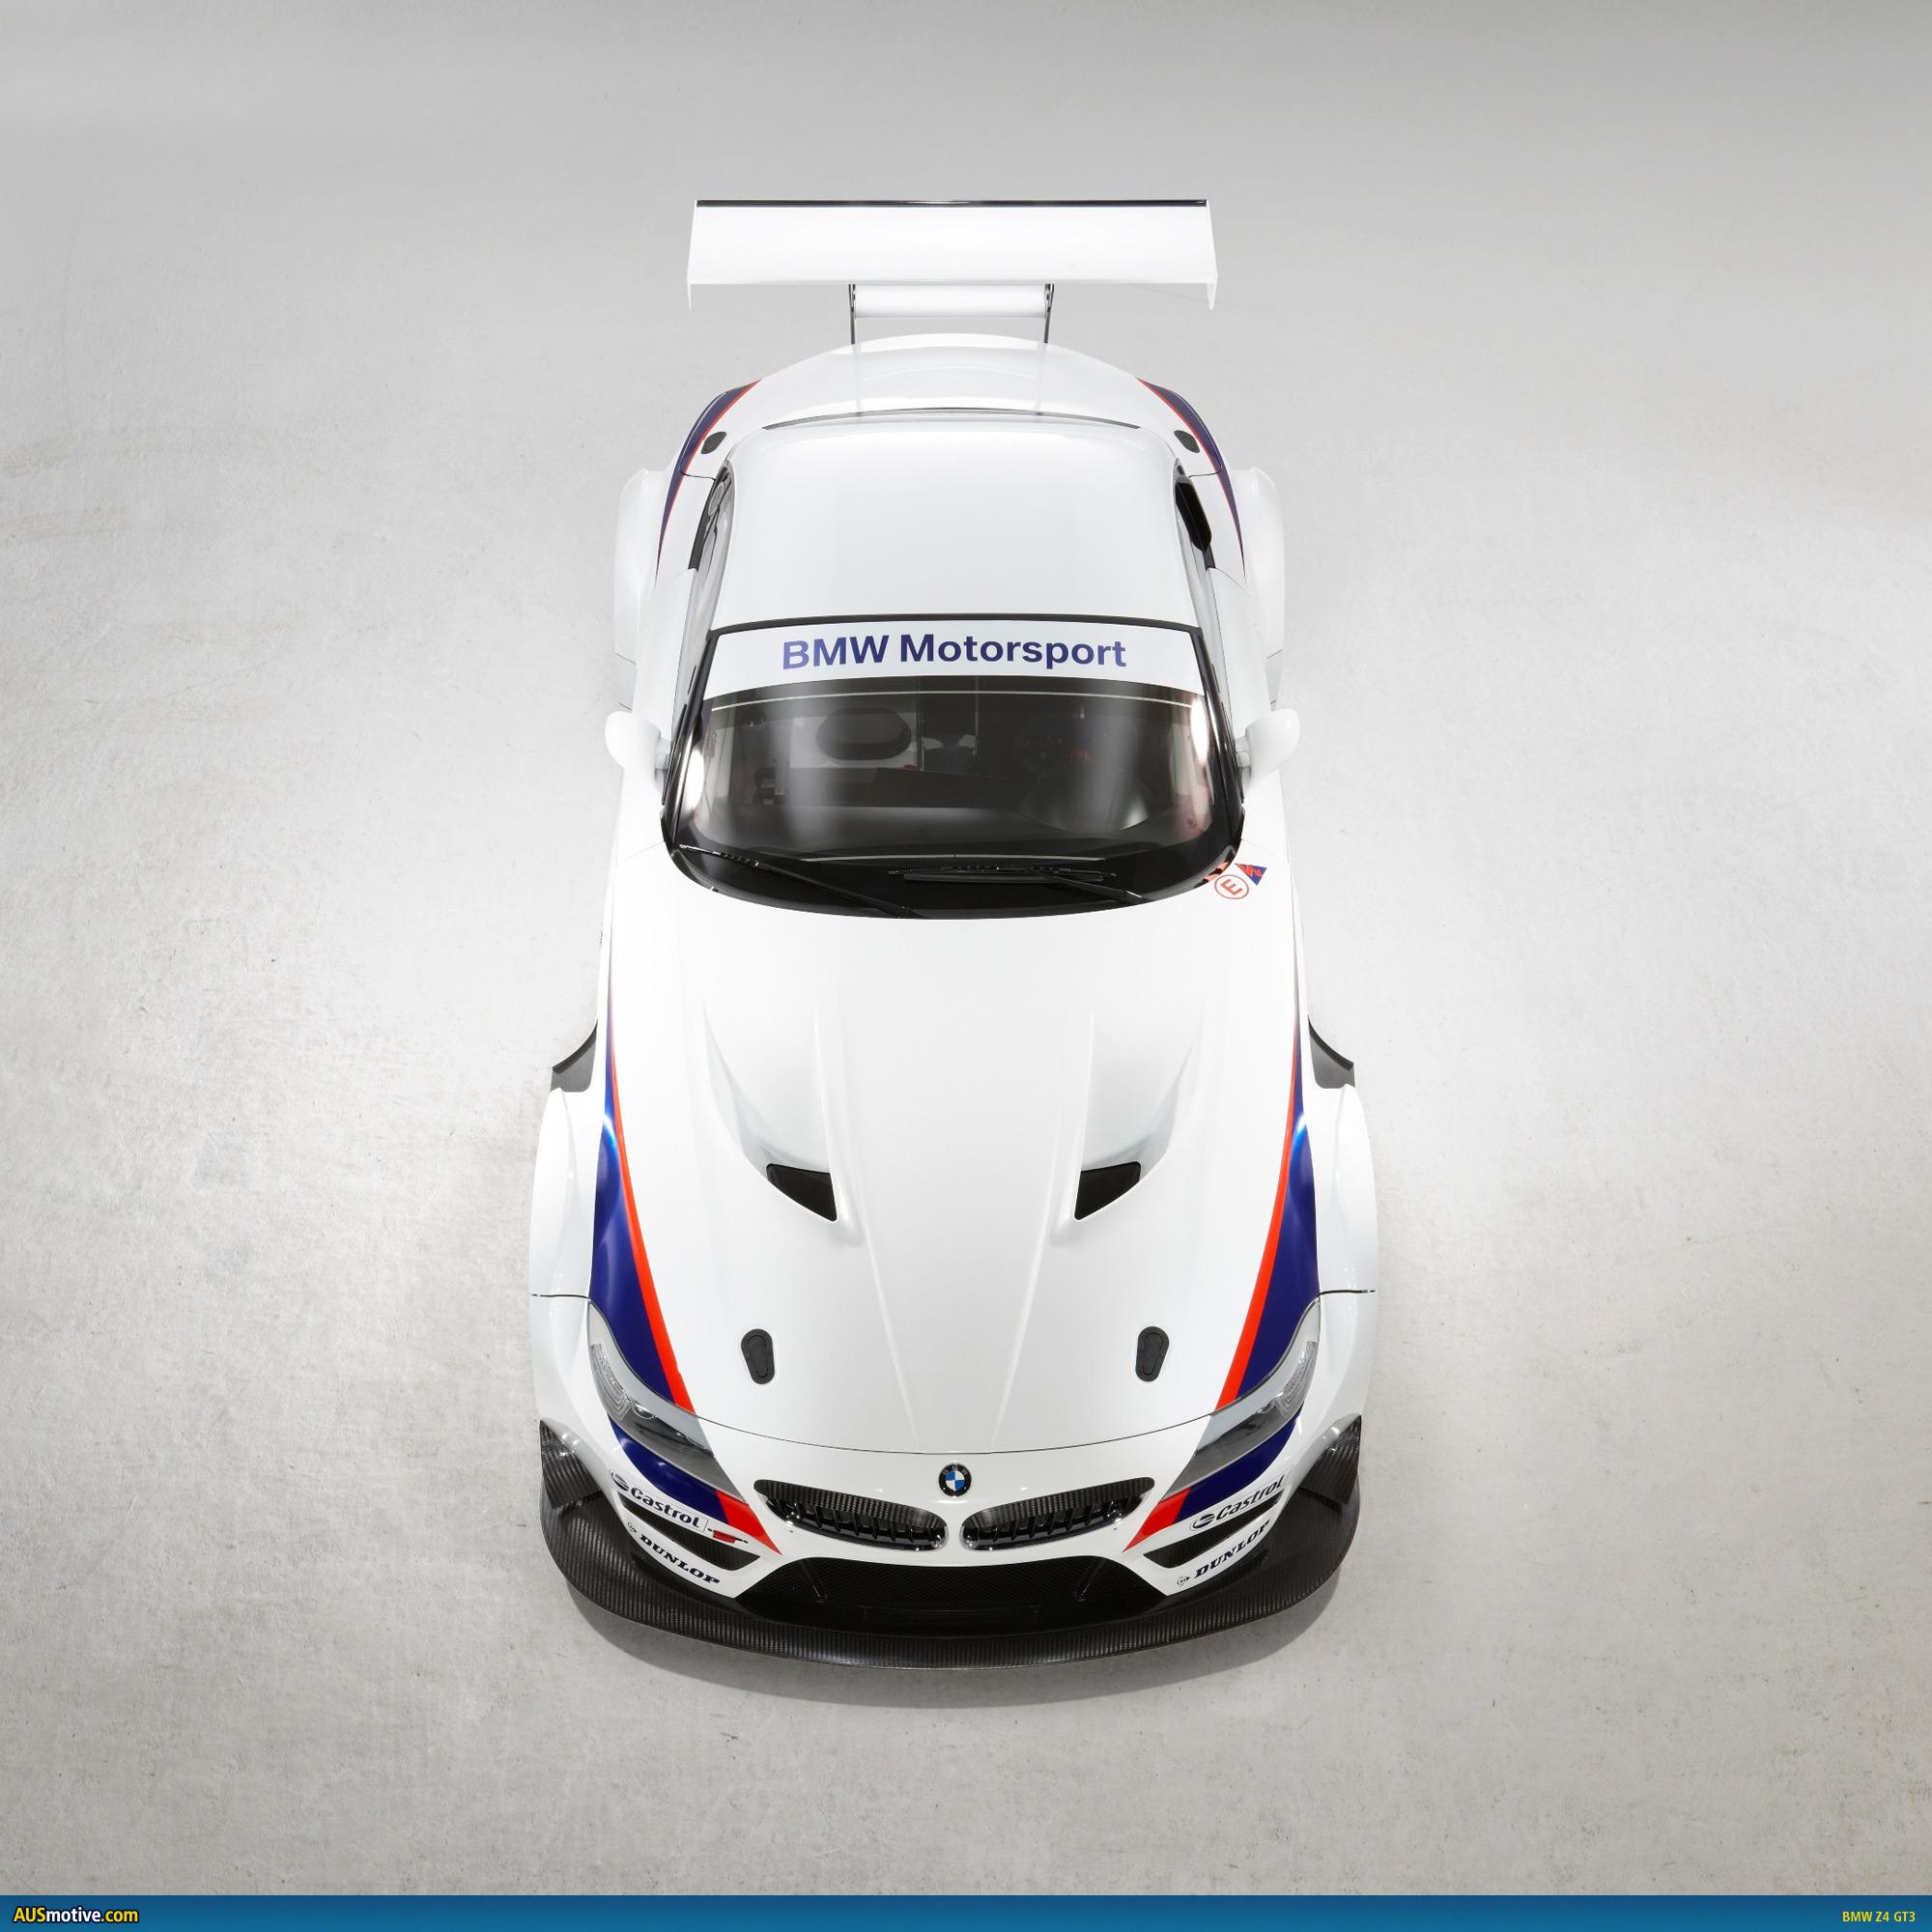 Bmw Z4 Price In Dubai: AUSmotive.com » BMW Finally Reveals Official Z4 GT3 Info